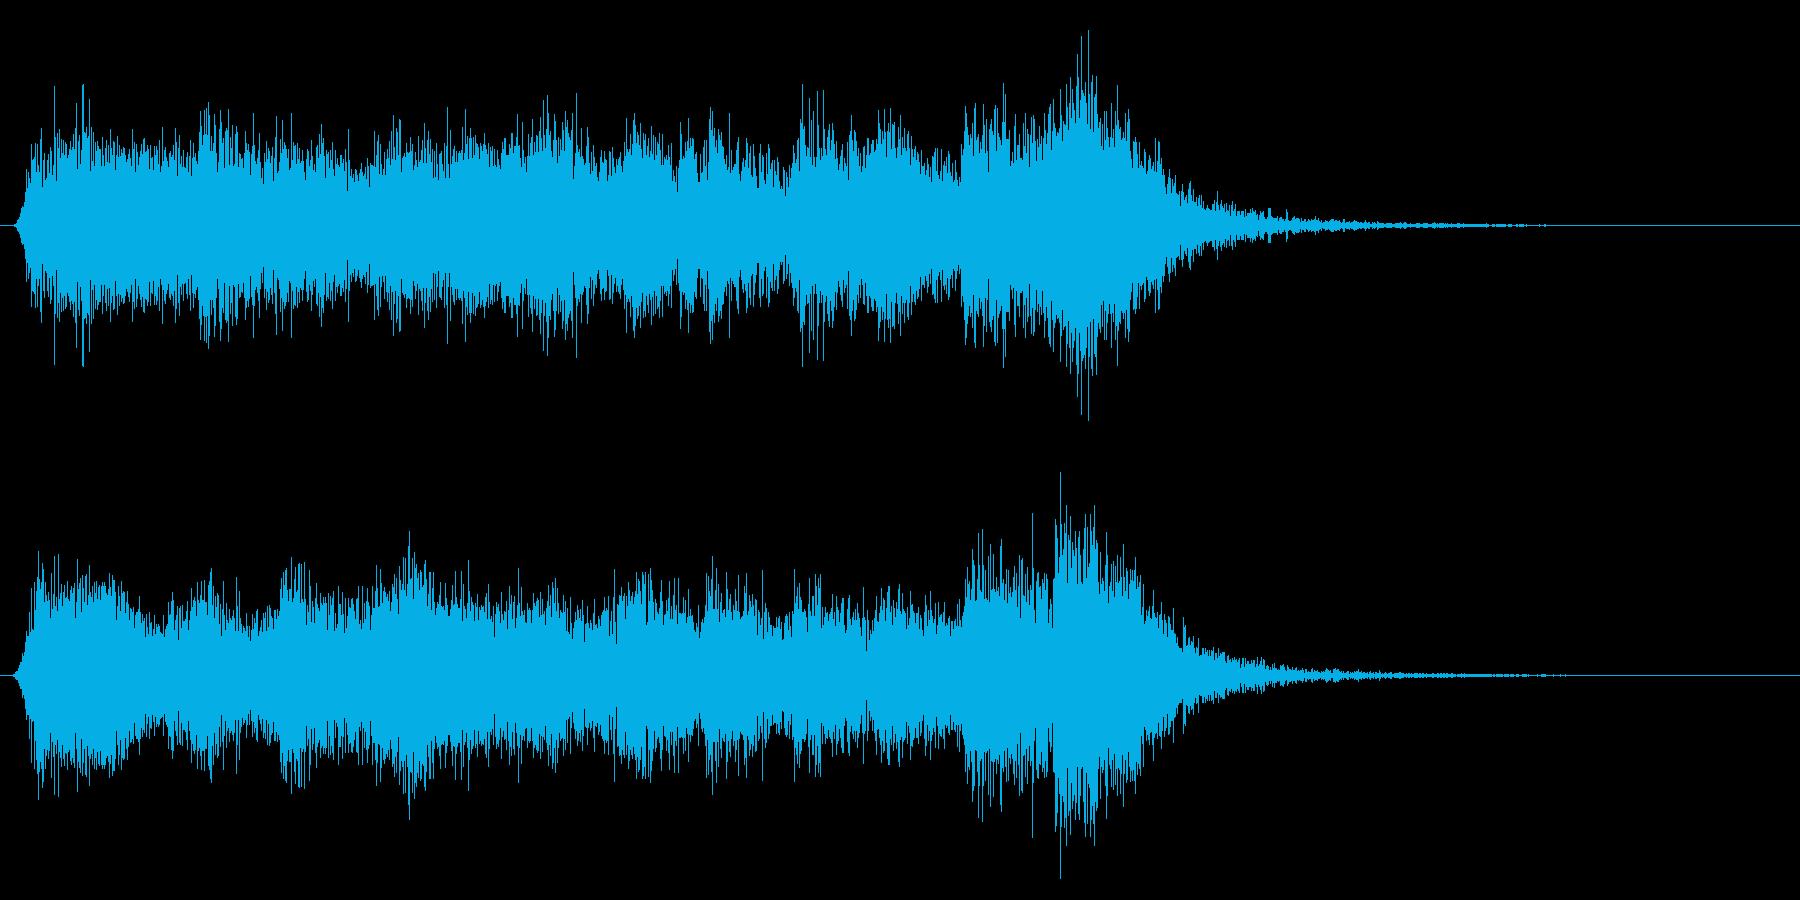 格闘!対決!ダークな管弦楽ファンファーレの再生済みの波形